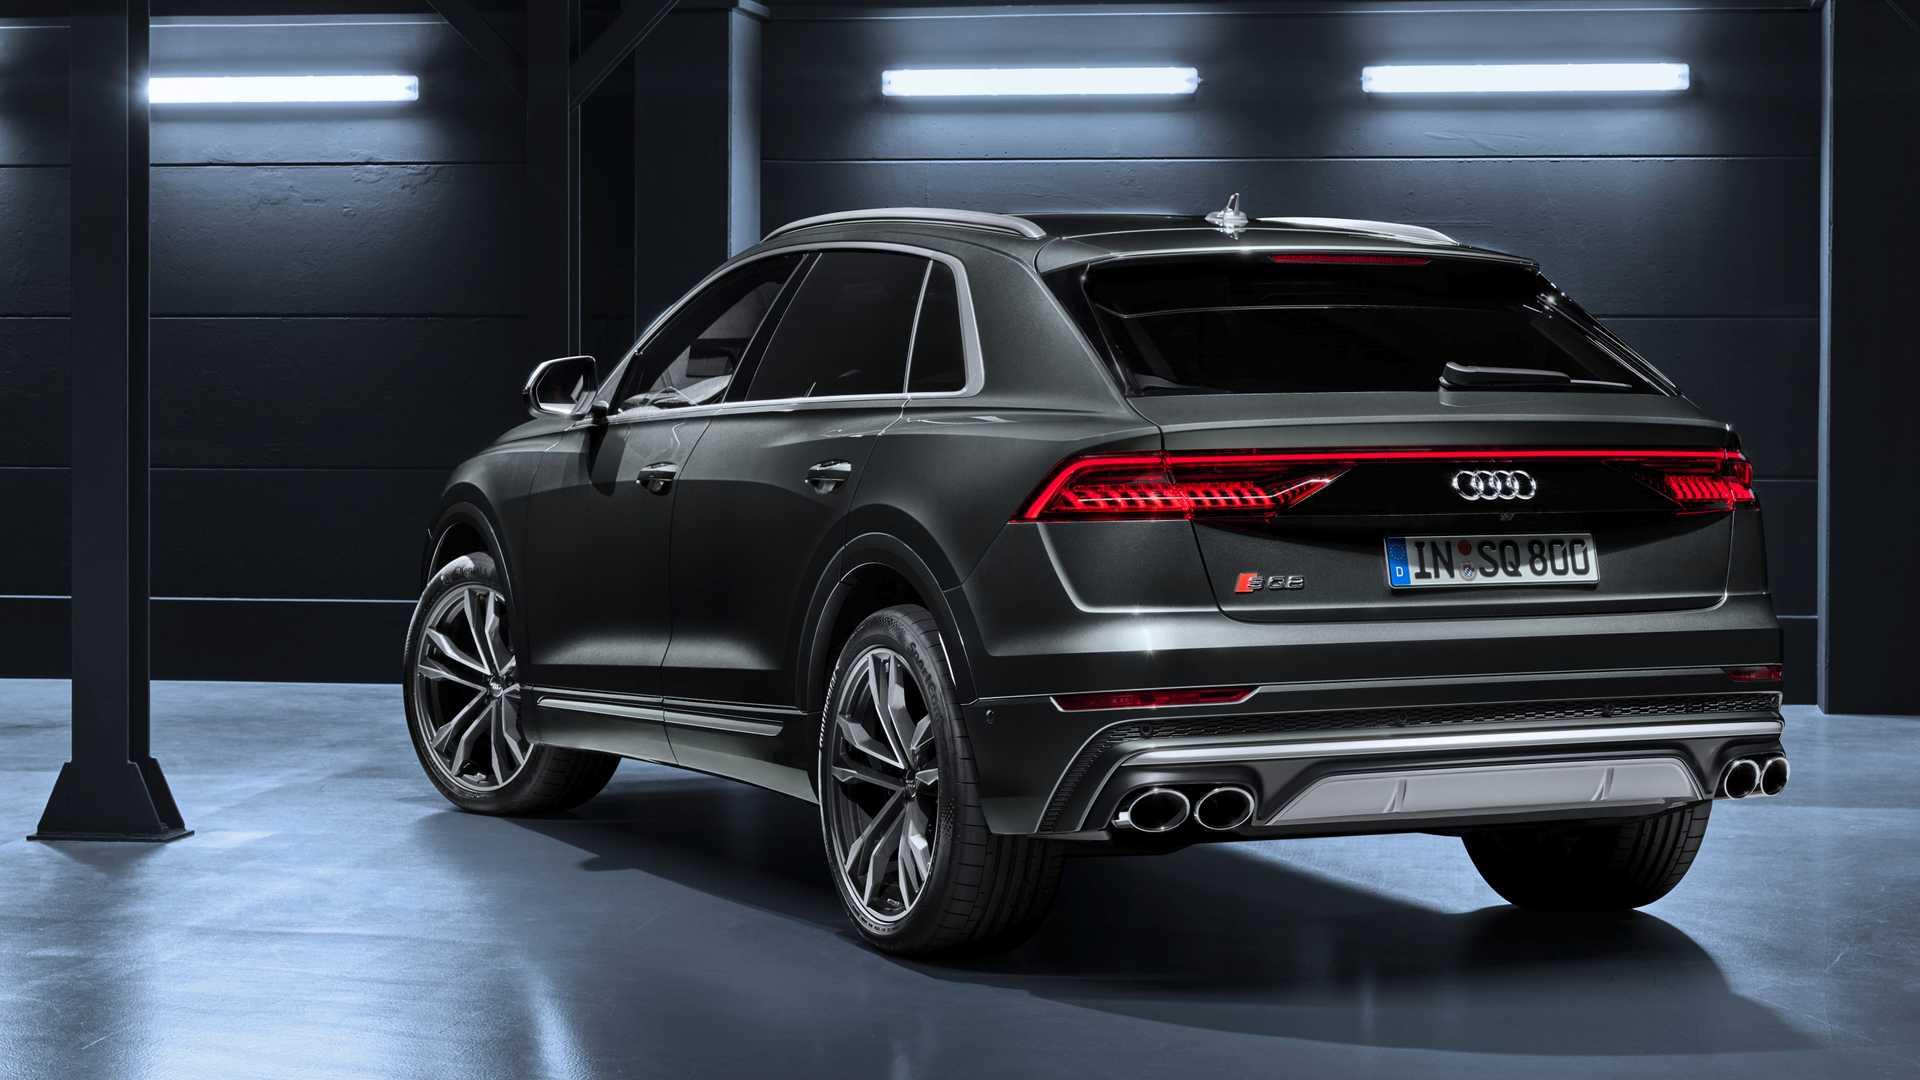 2020 Audi Q8: News, SQ8, RS Q8, Price >> 2020 Audi Q8 News Sq8 Rs Q8 Price 2020 Upcoming Car